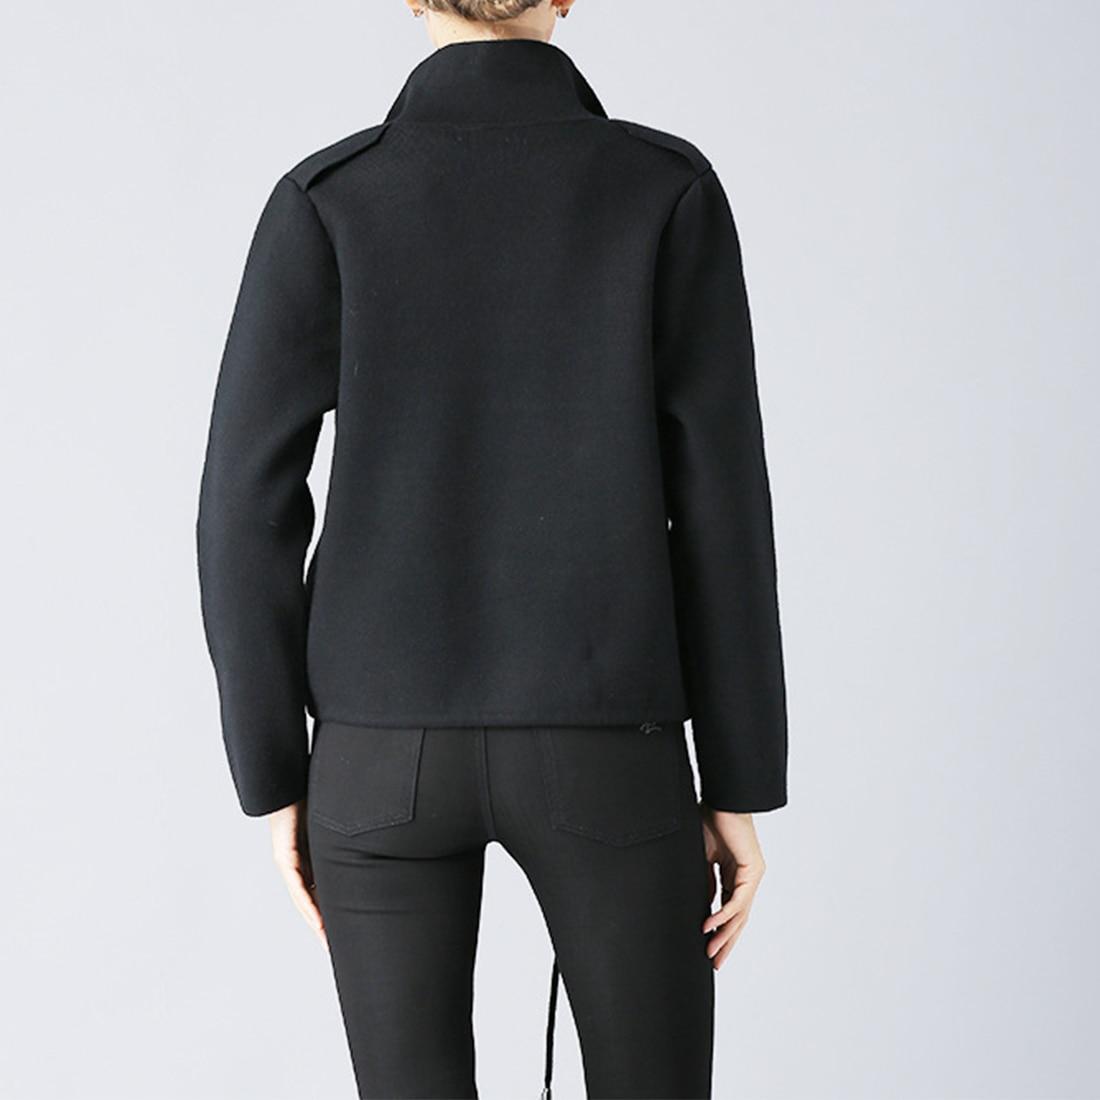 Women Jacket Autumn Winter 2018 New Oversized Padded Warm Coat Women Imitation Cashmere Coats black yellow